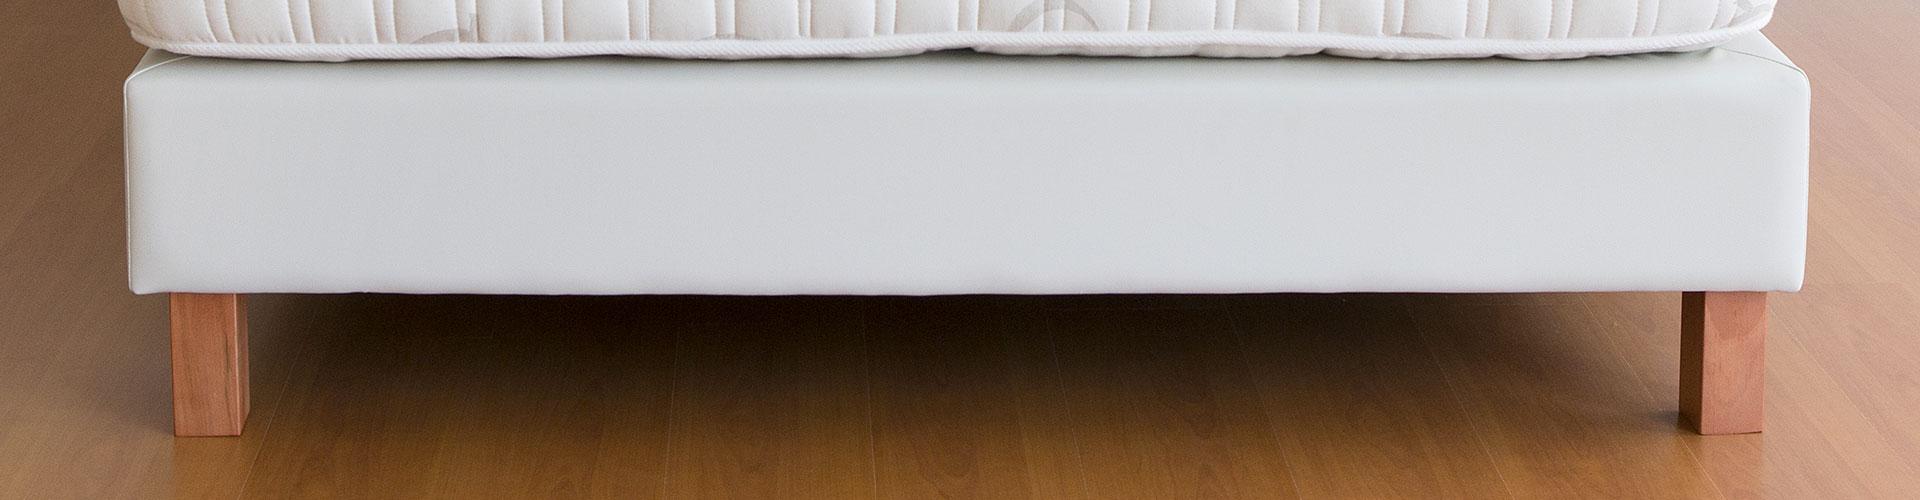 basi letto